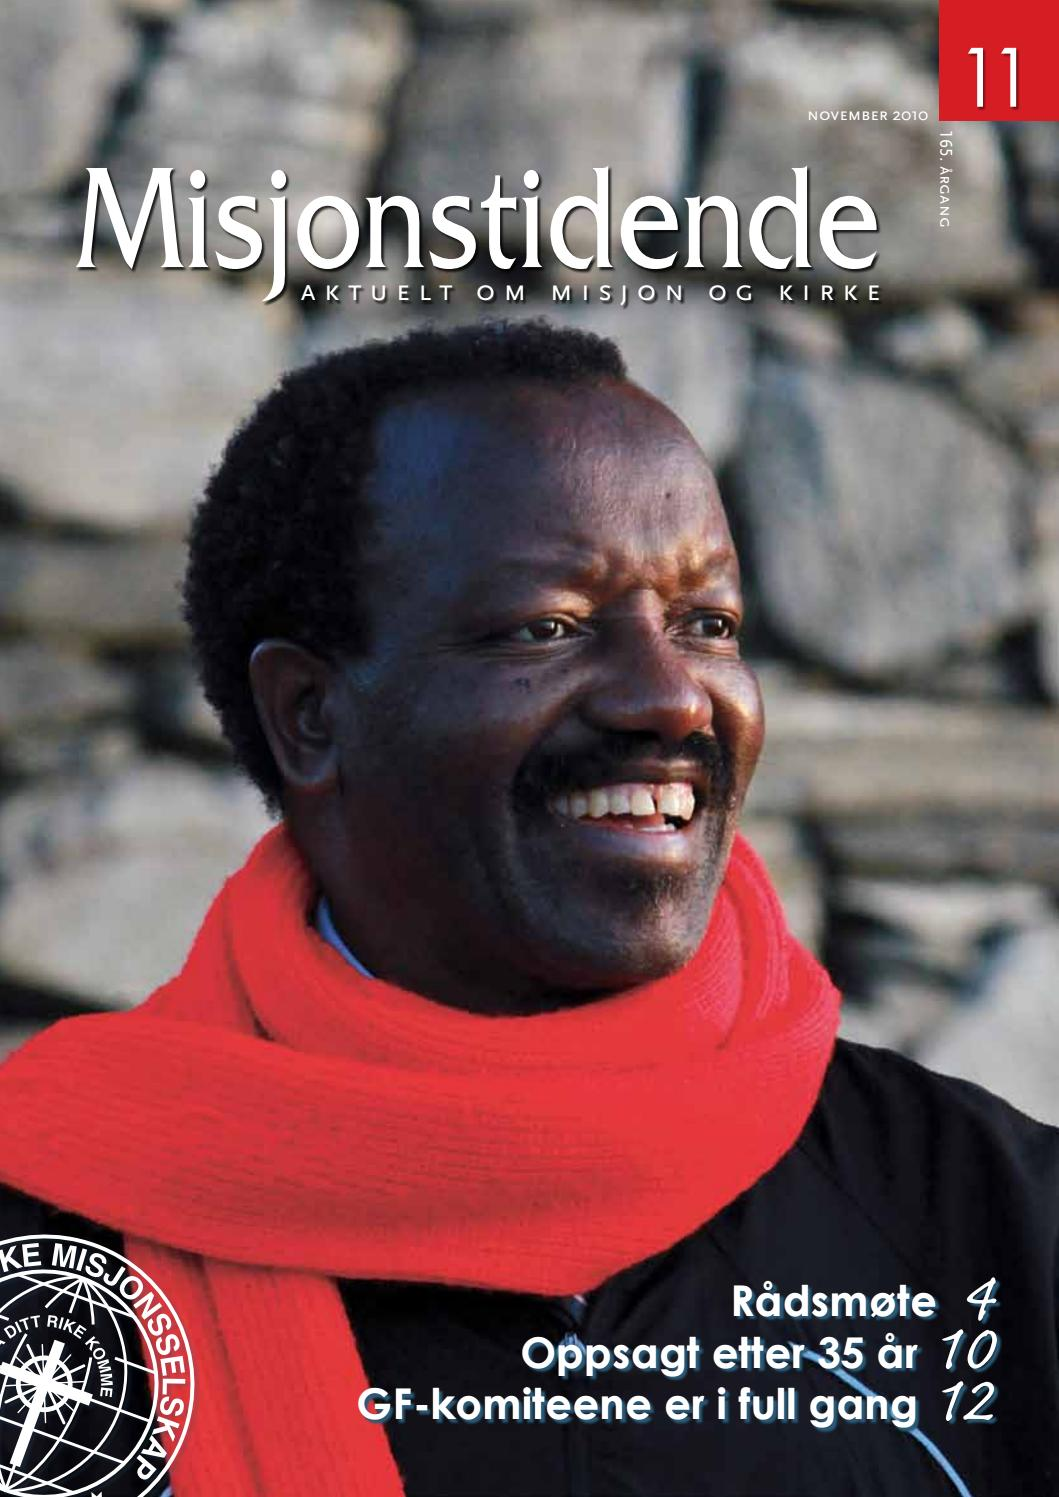 e9753fff Misjonstidende 11/2010 by Det Norske Misjonsselskap - issuu